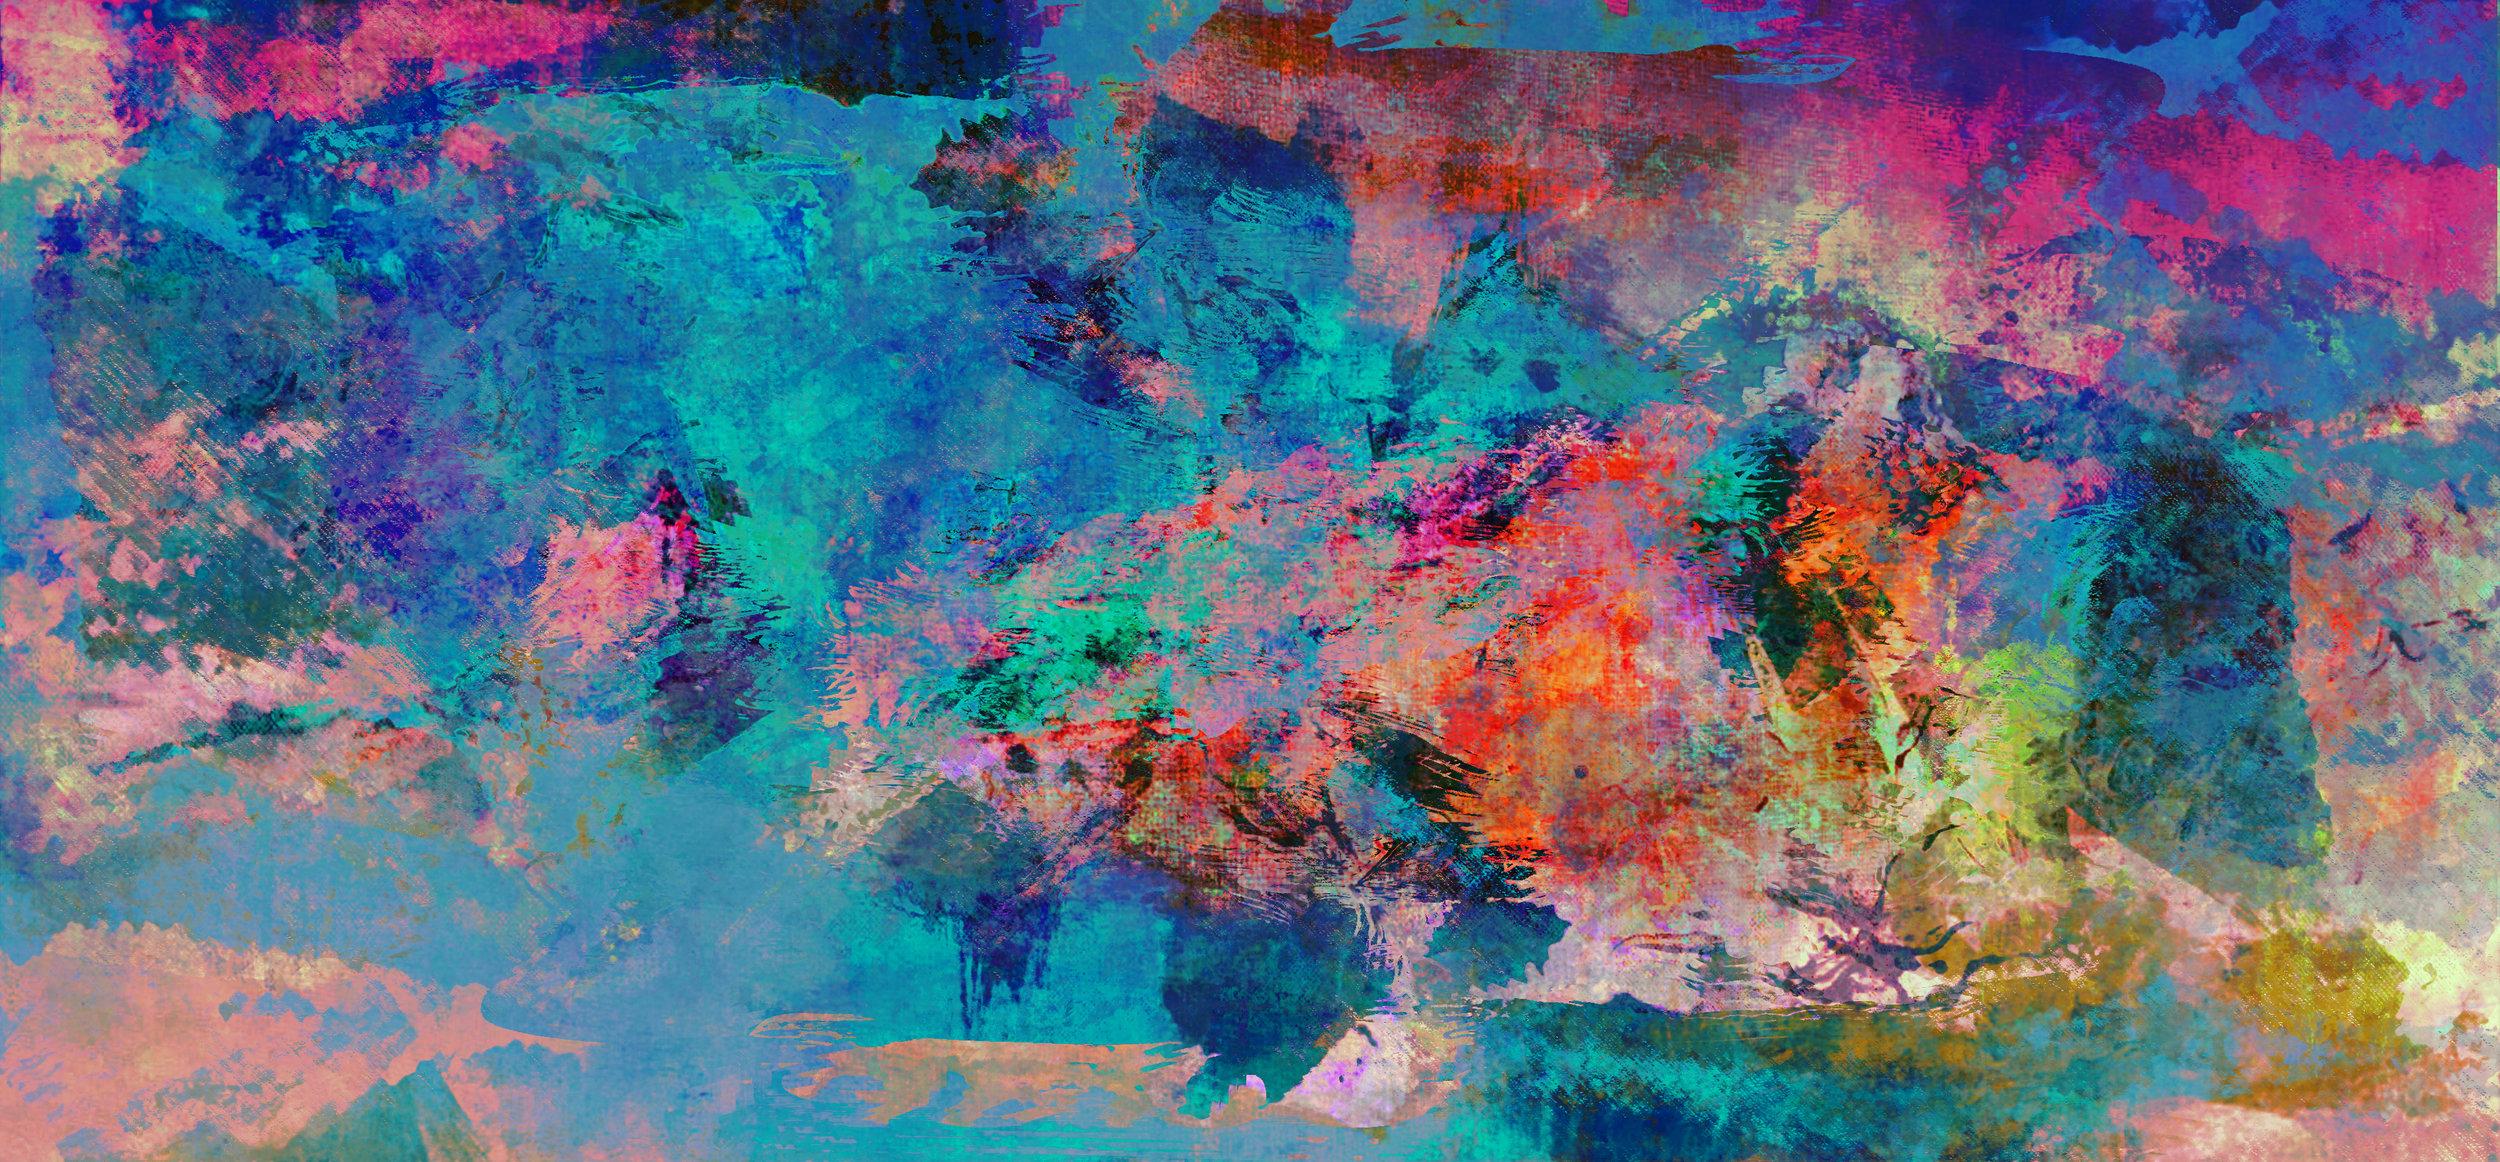 Klopoushak-Chiu Soundworlds Abstract - Ben van D.jpg